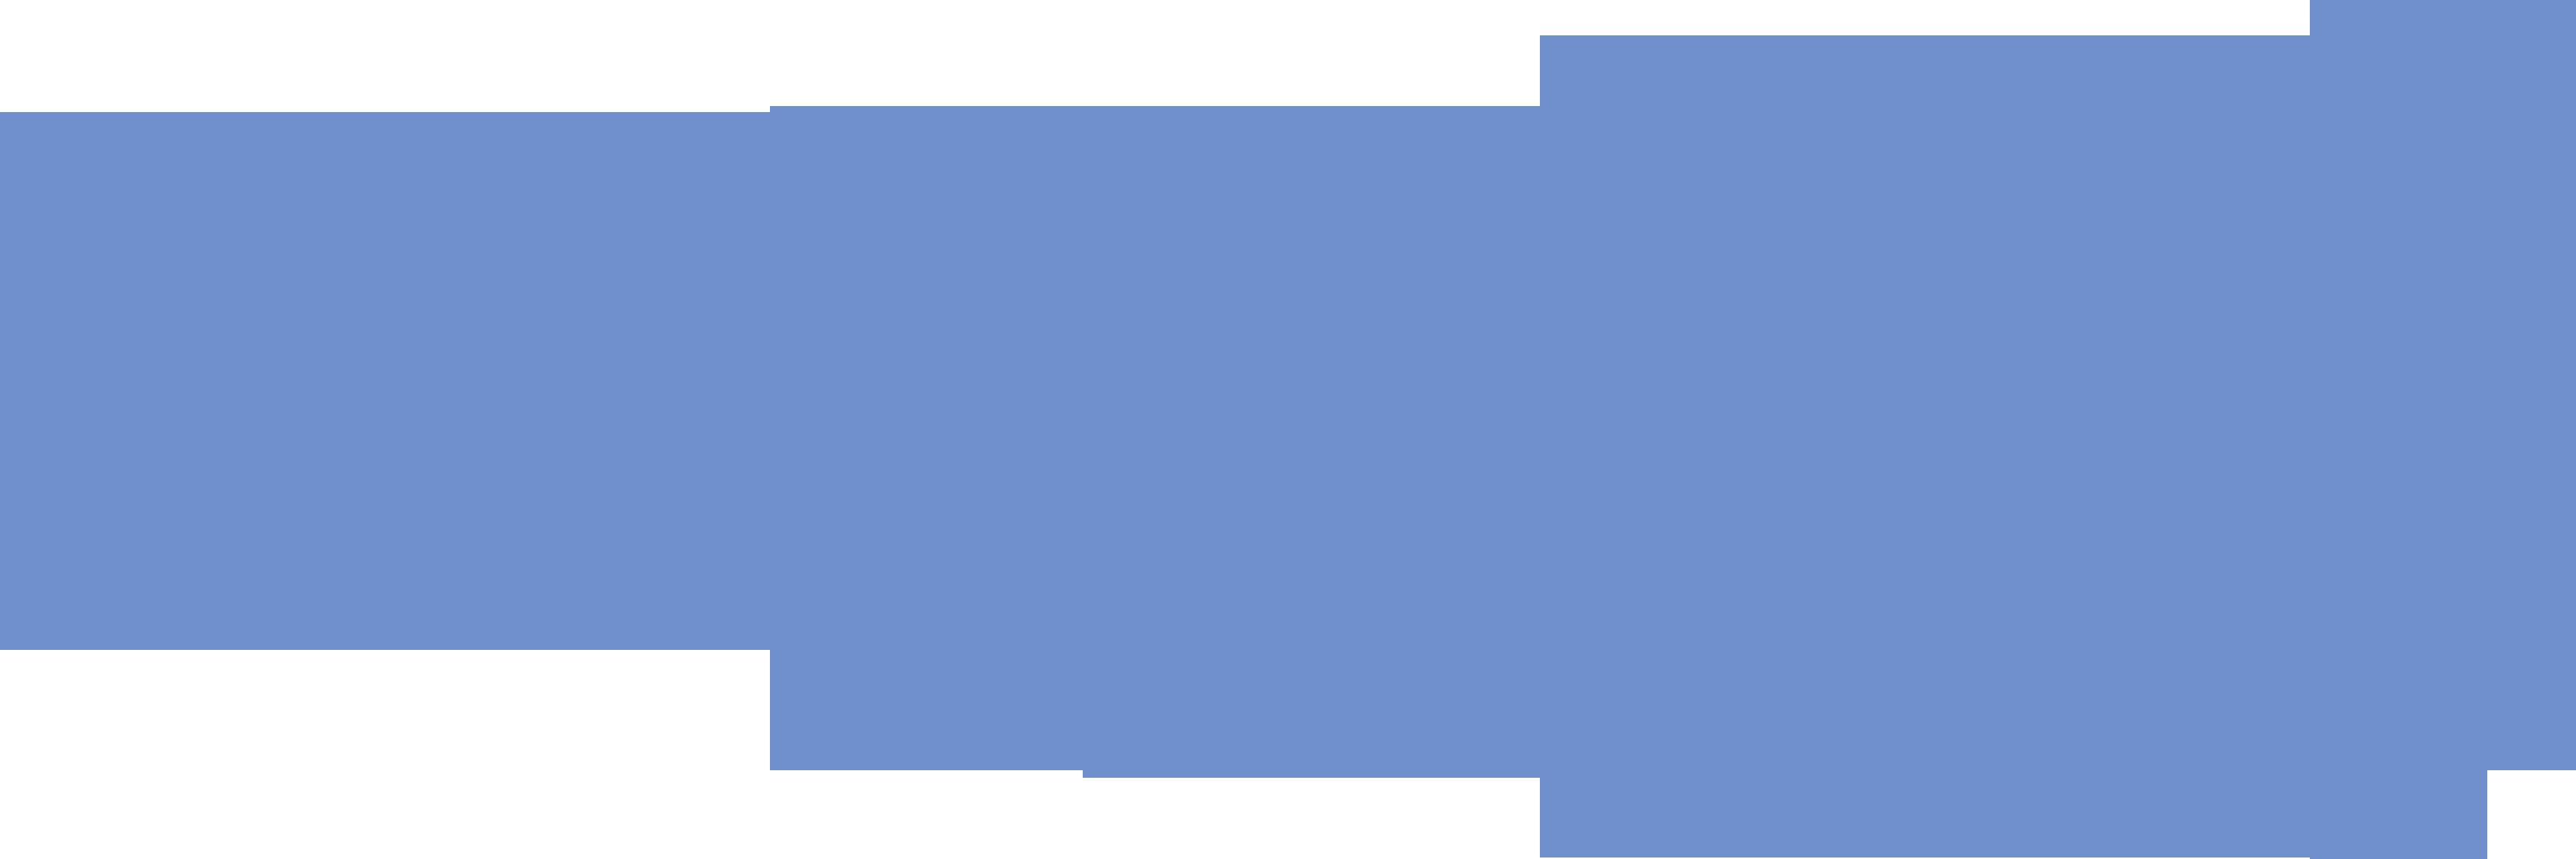 http://www.bagger-modelle.eu